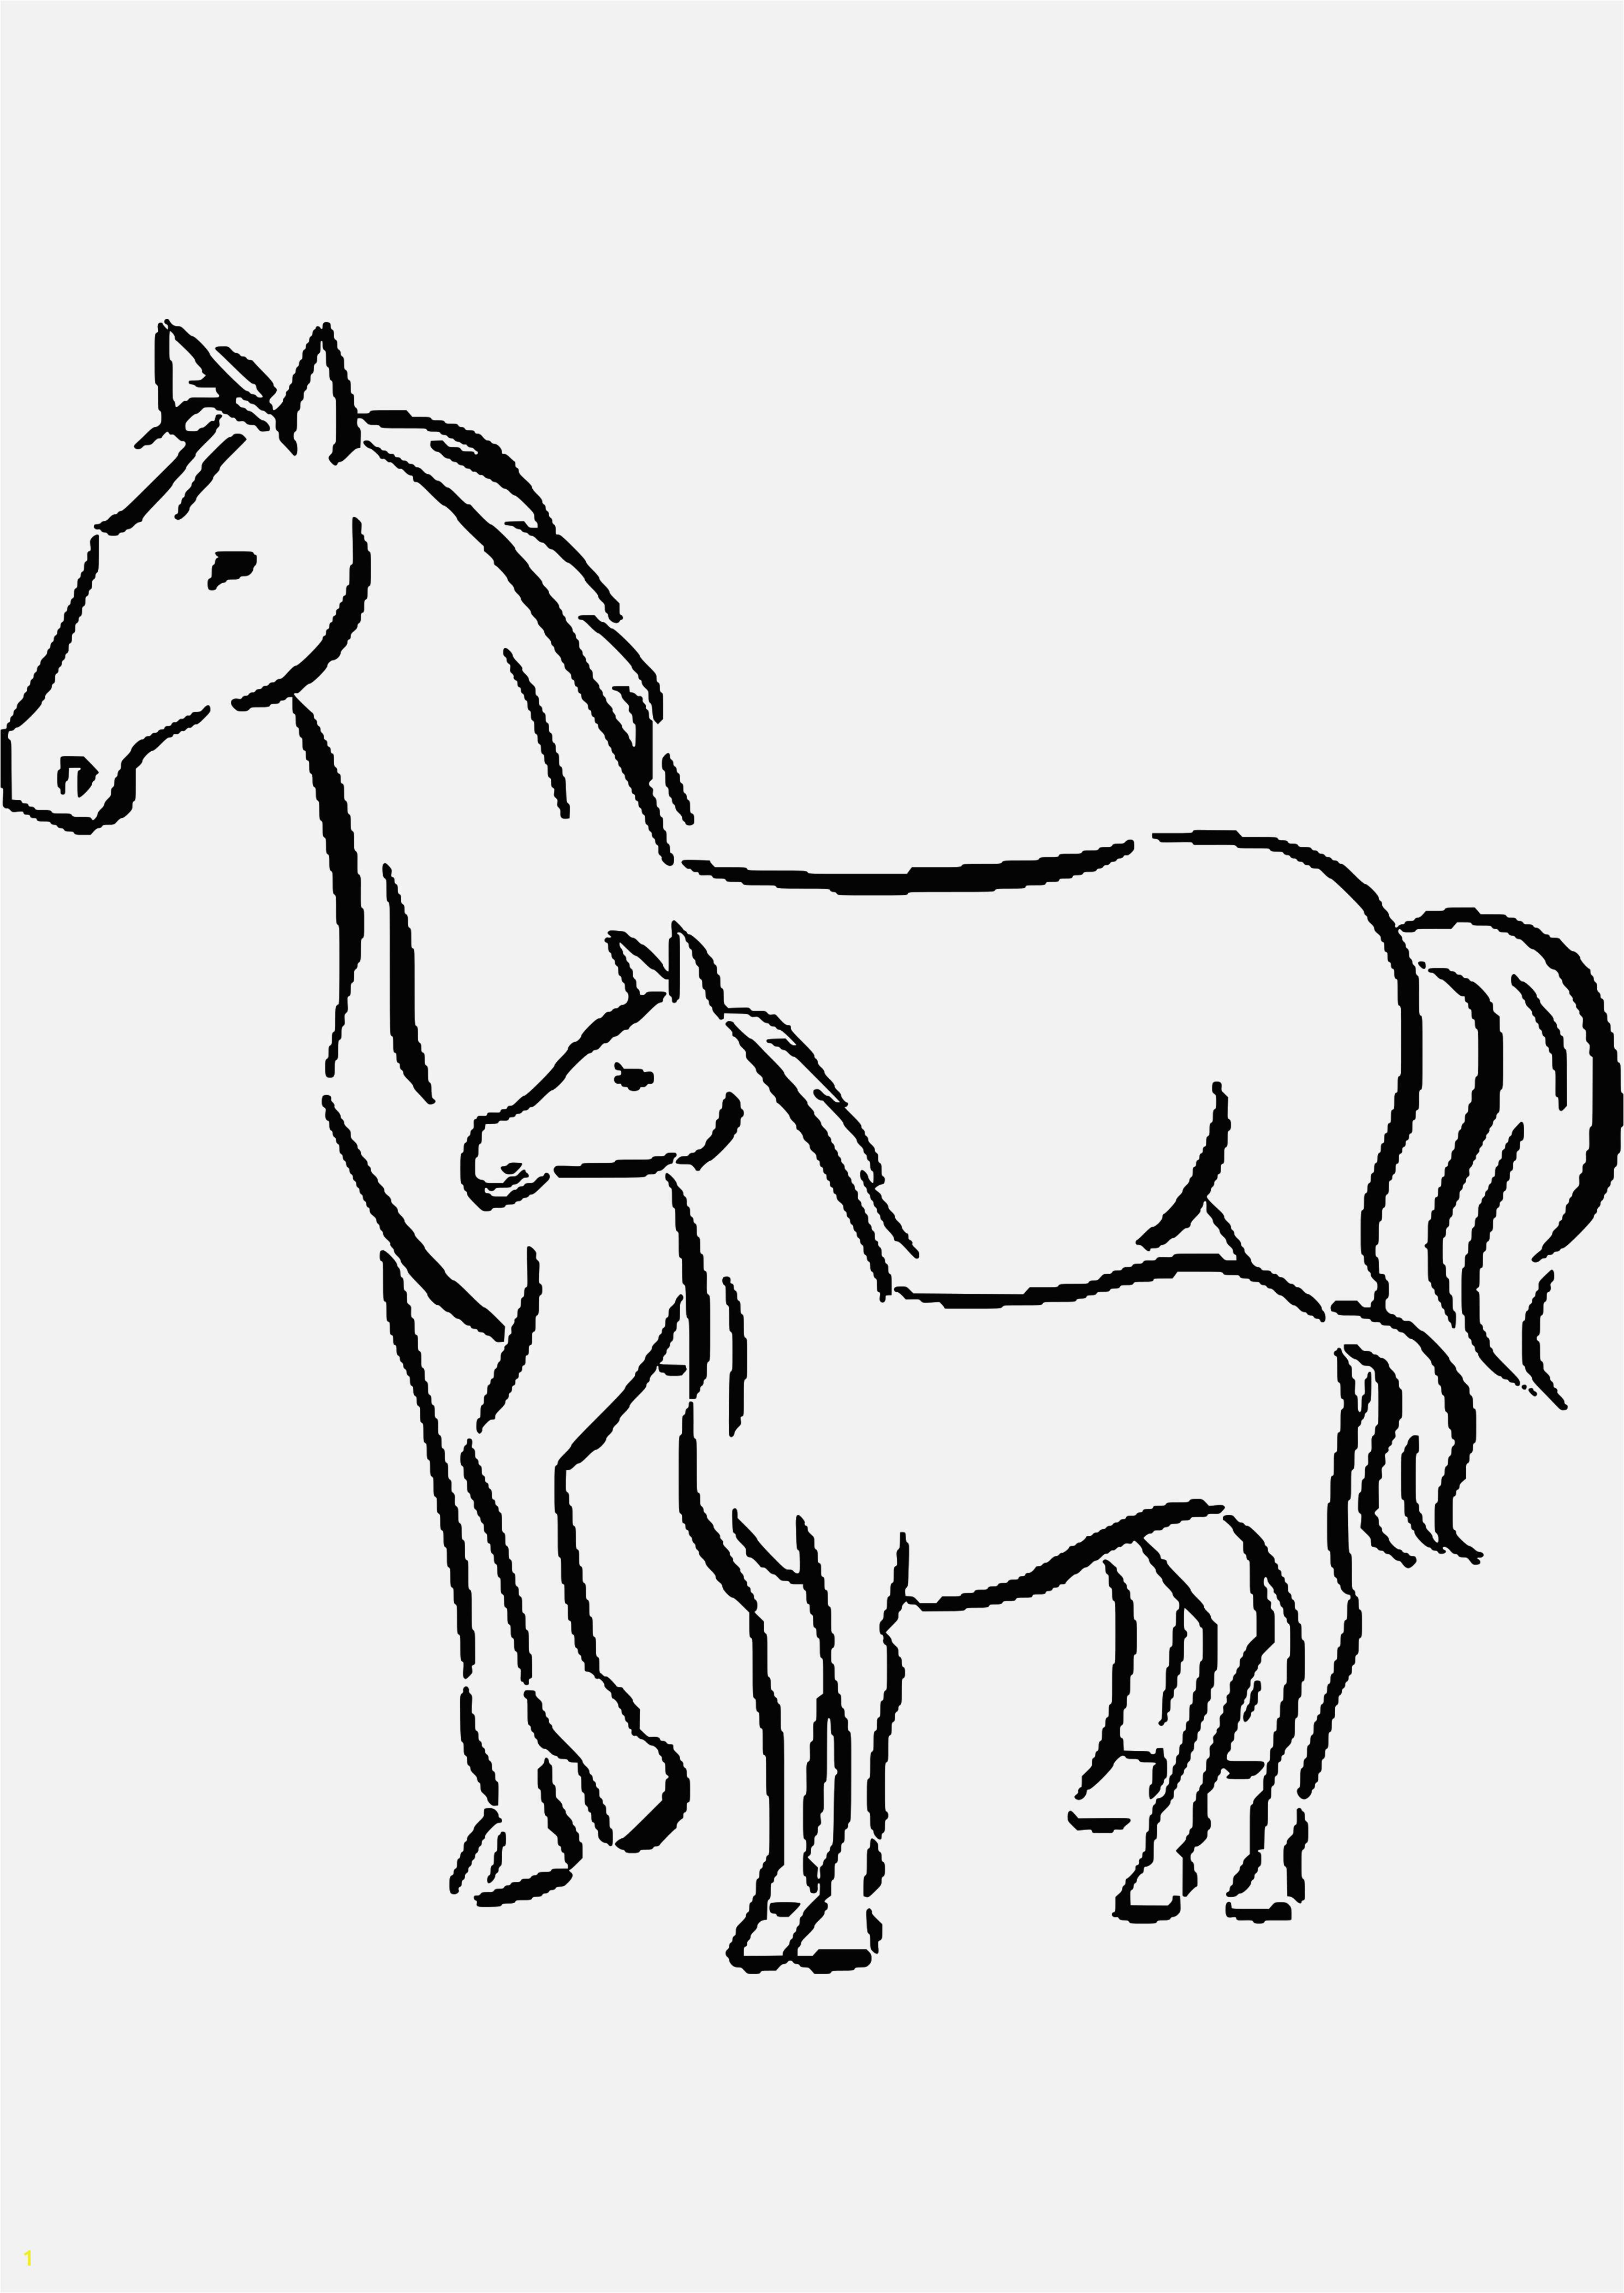 Pferde Ausmalbilder Verschiedene Bilder Färben Malvorlagen Pferde Einfach Malvorlagen Pferde Pdf Zum Drucken Pferde Ausmalbilder